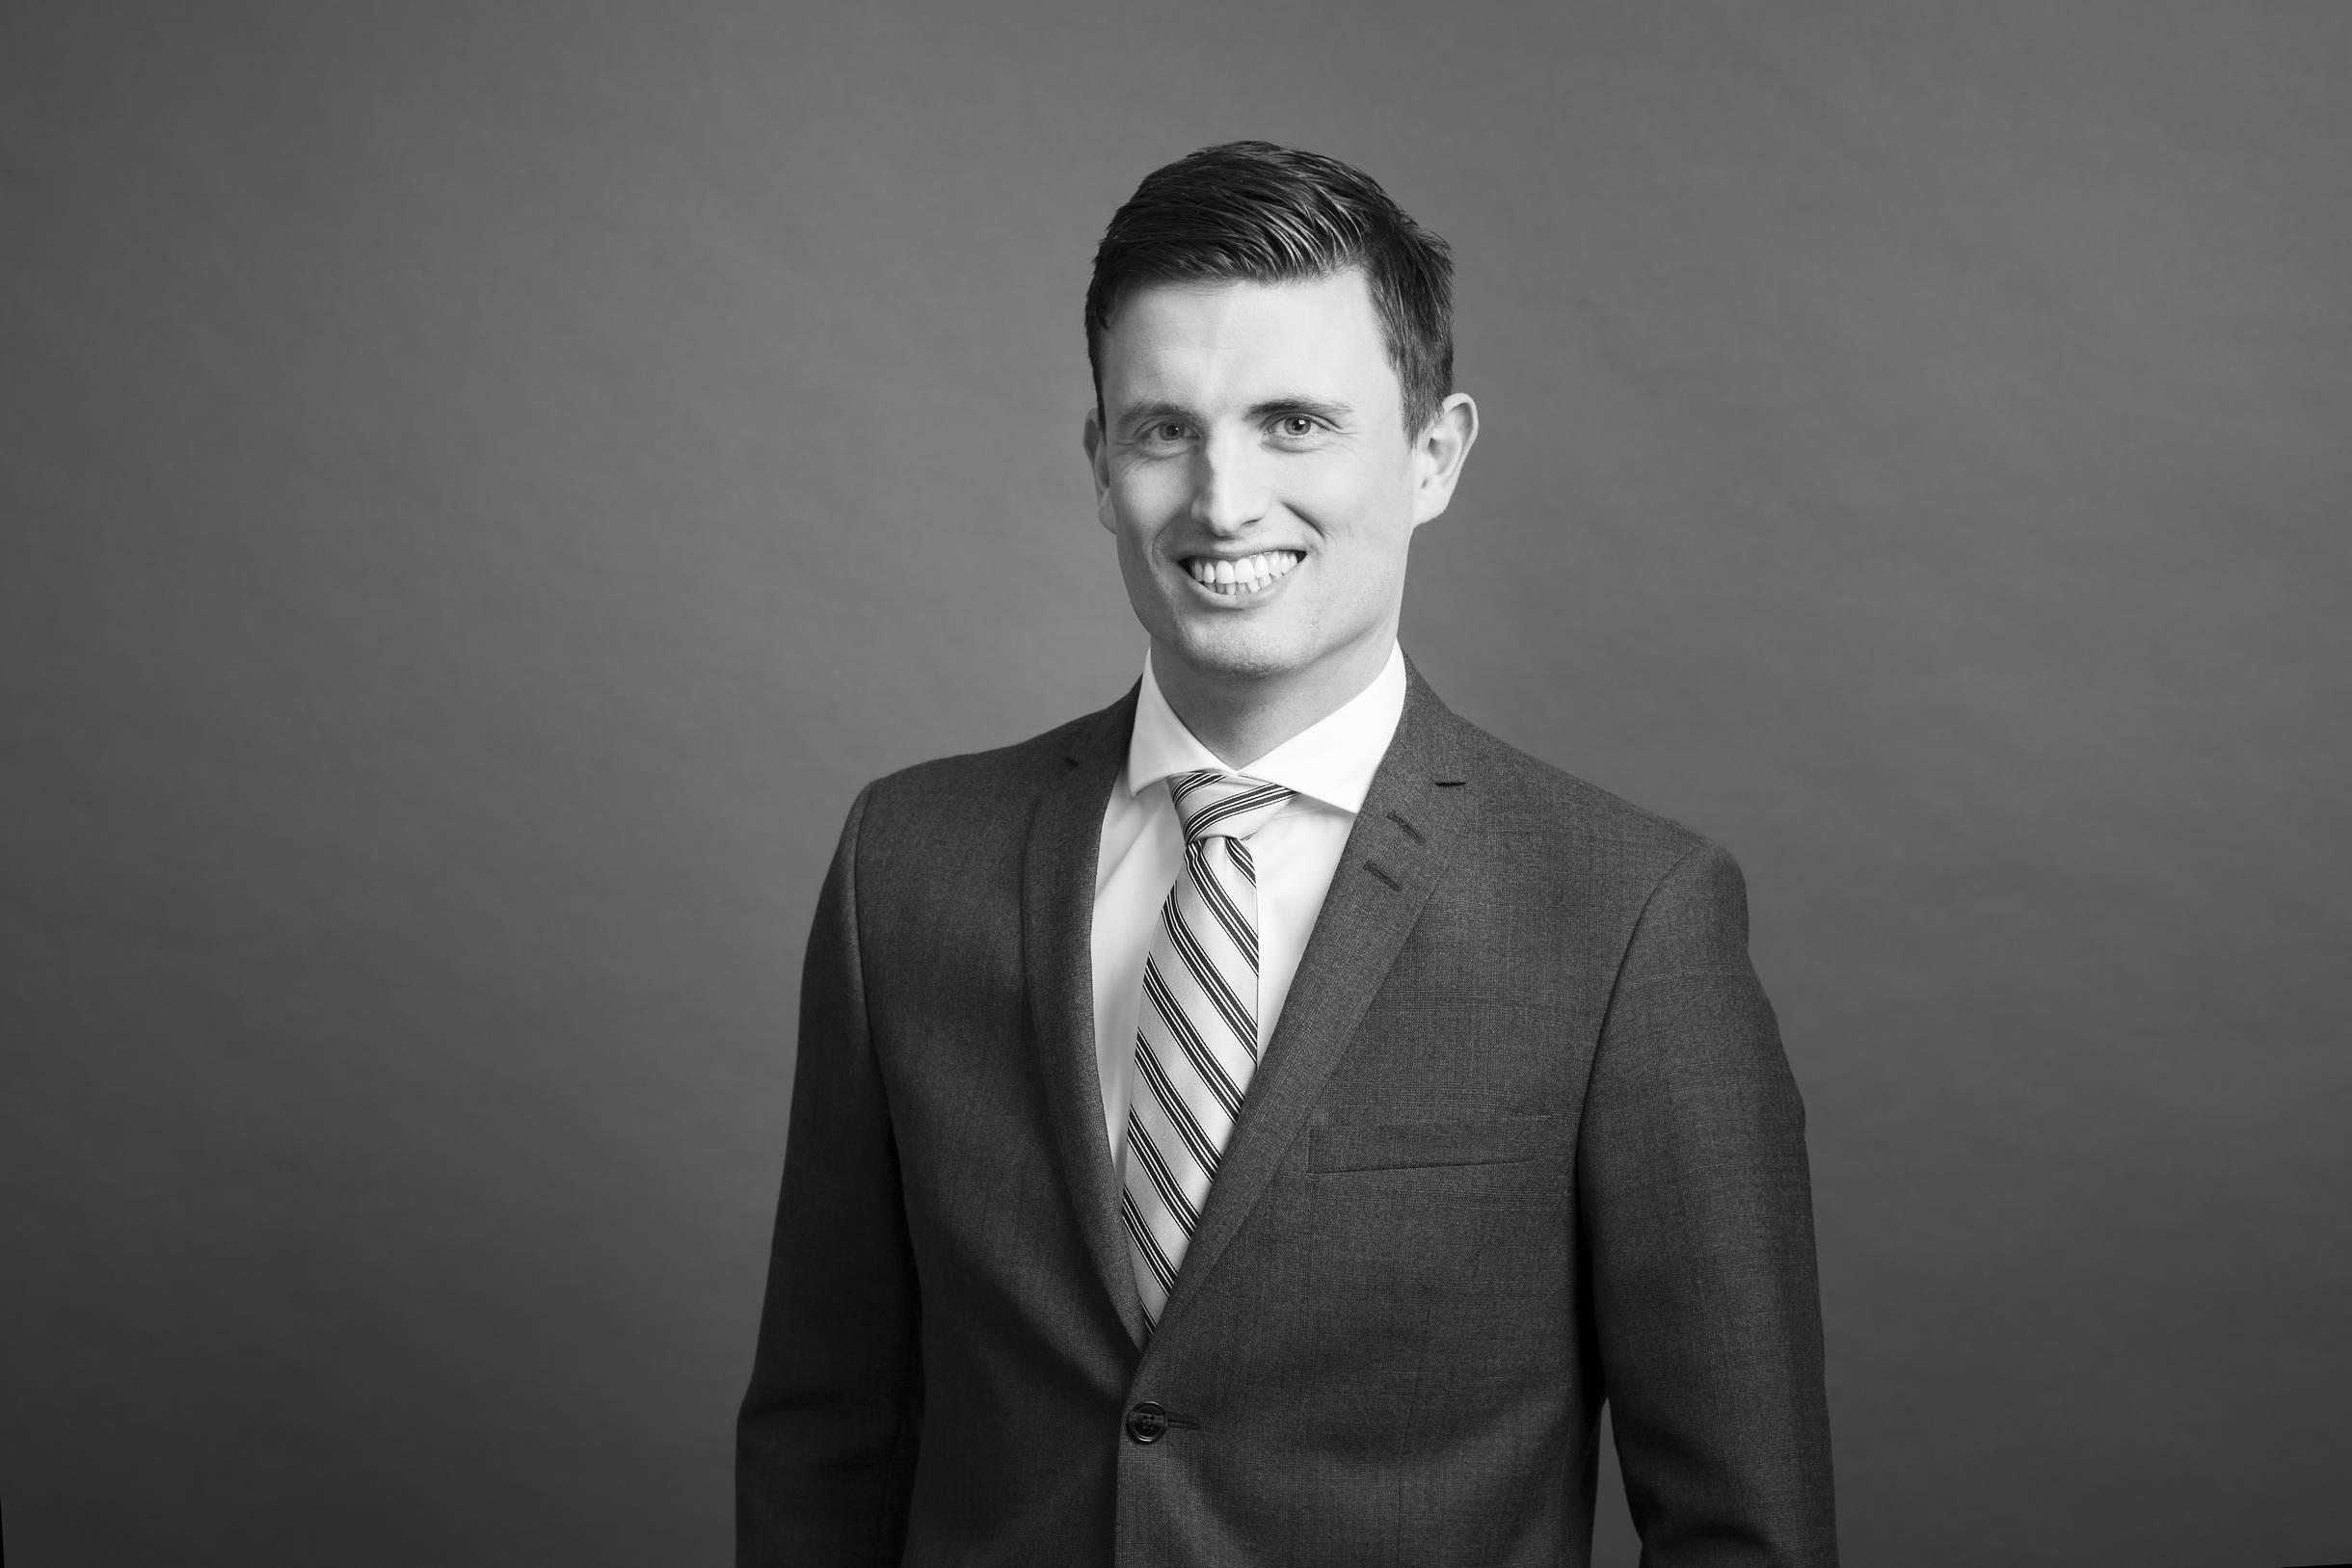 Rechtsanwalt Patrick Rivet Portrait